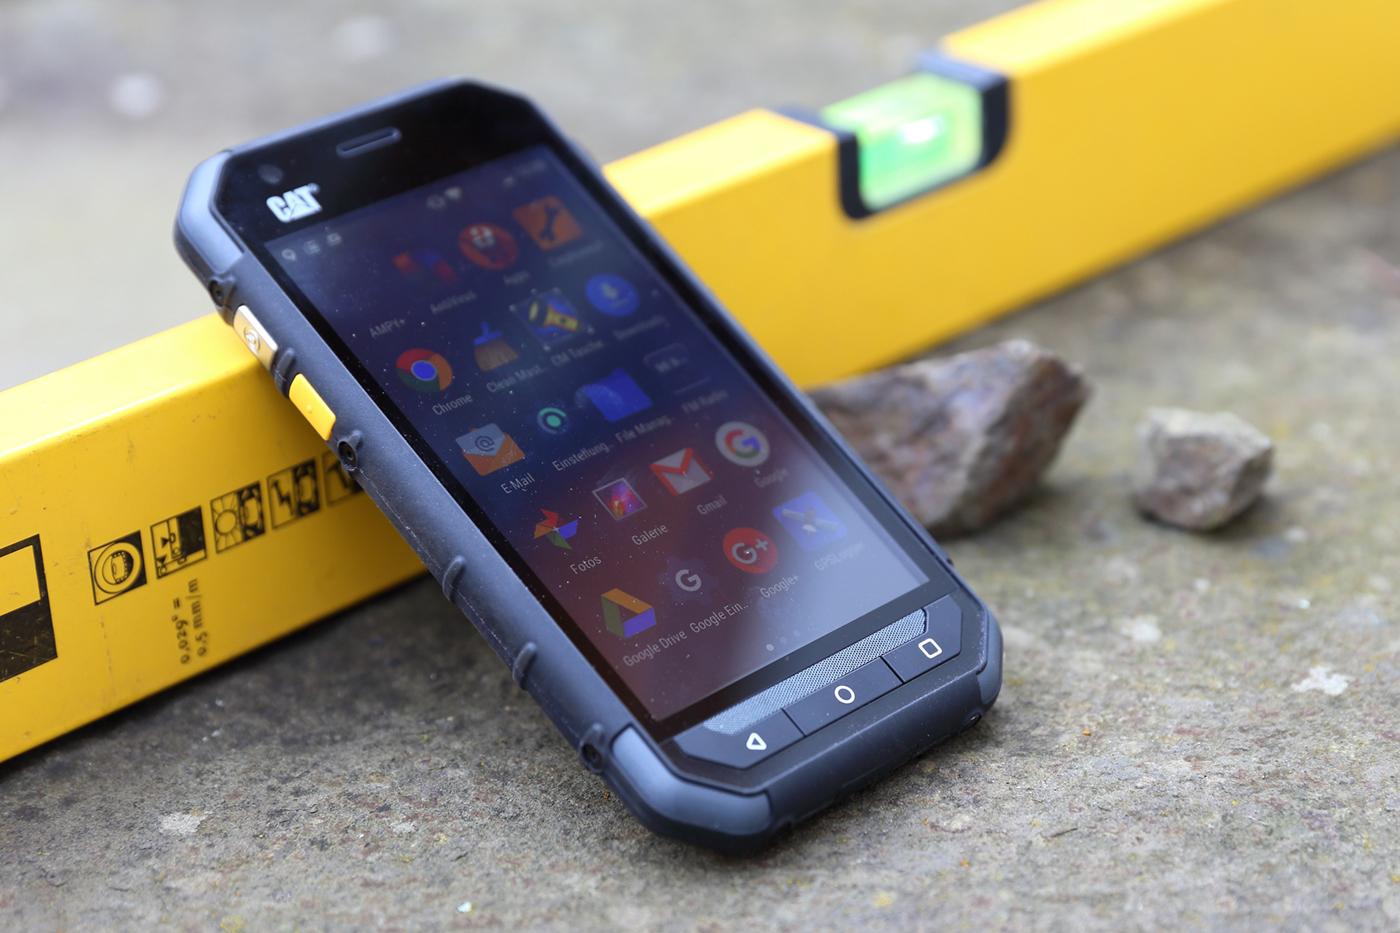 cat s30 outdoor smartphone im test navigation gps blitzer pois. Black Bedroom Furniture Sets. Home Design Ideas